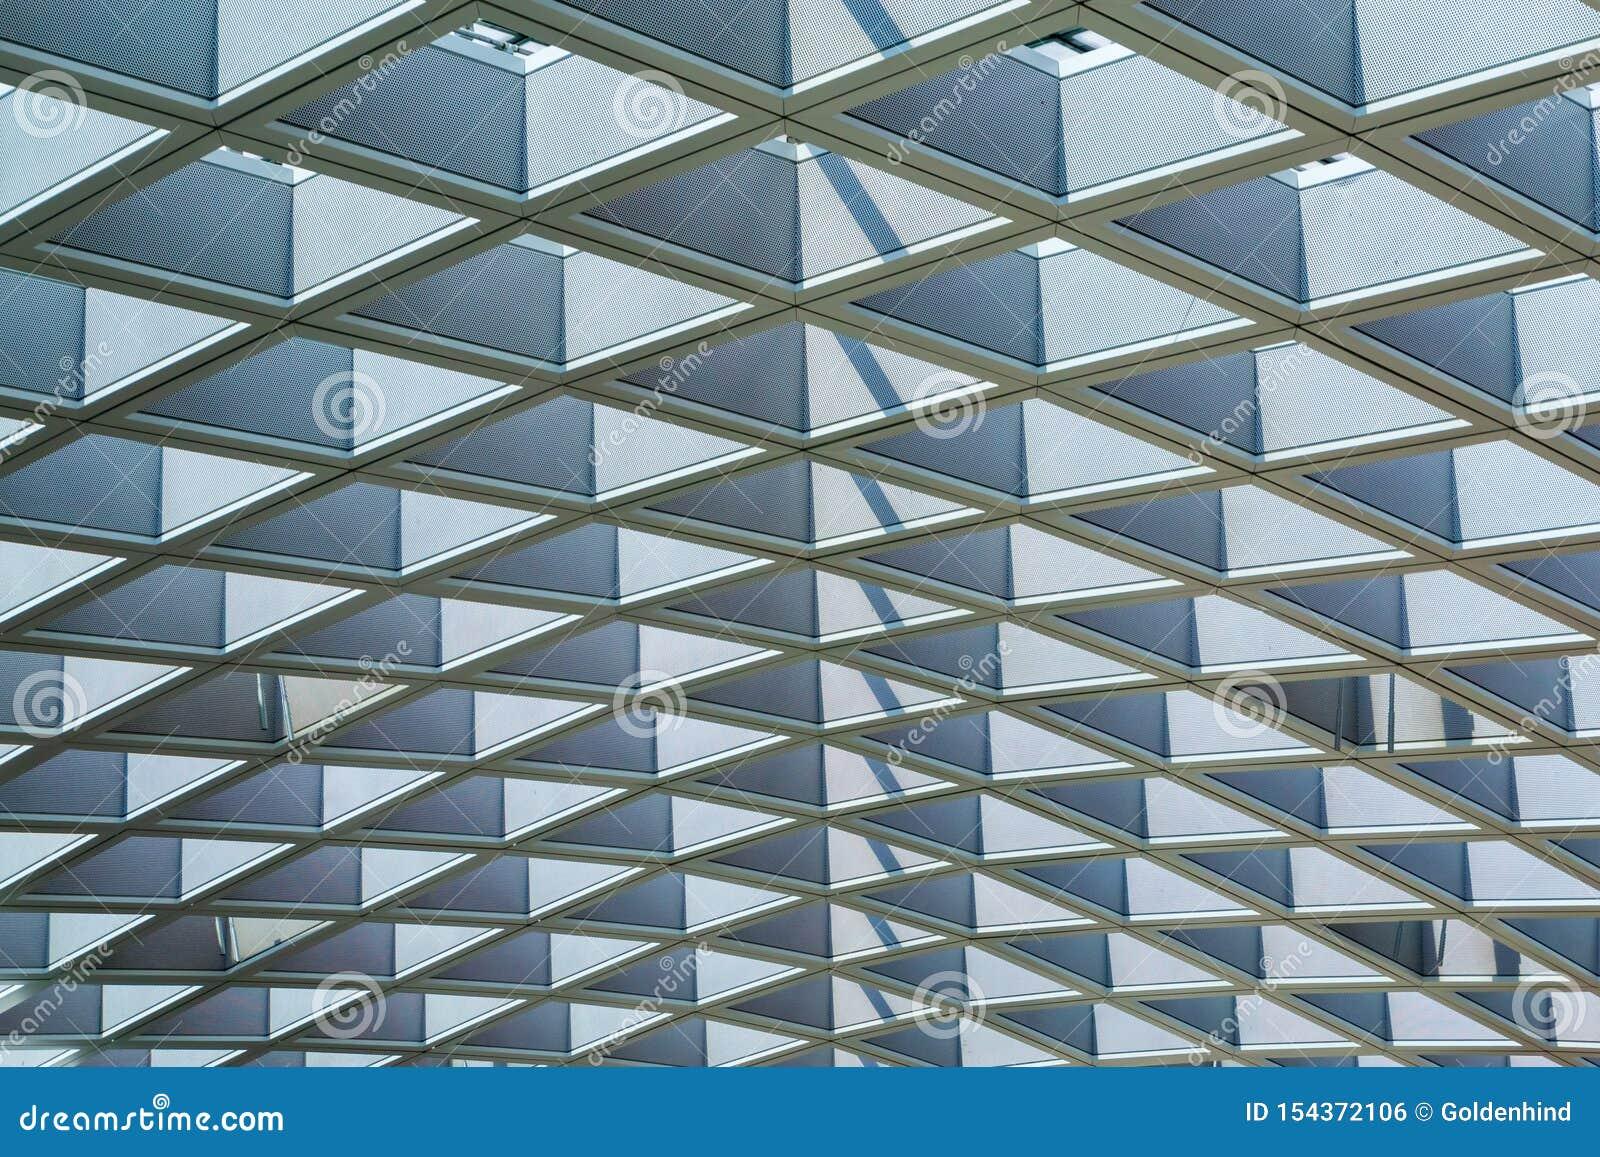 Η αρχιτεκτονική δομών στεγών πλαισίων χάλυβα απαριθμεί το σχέδιο σε ένα σύγχρονο κτήριο